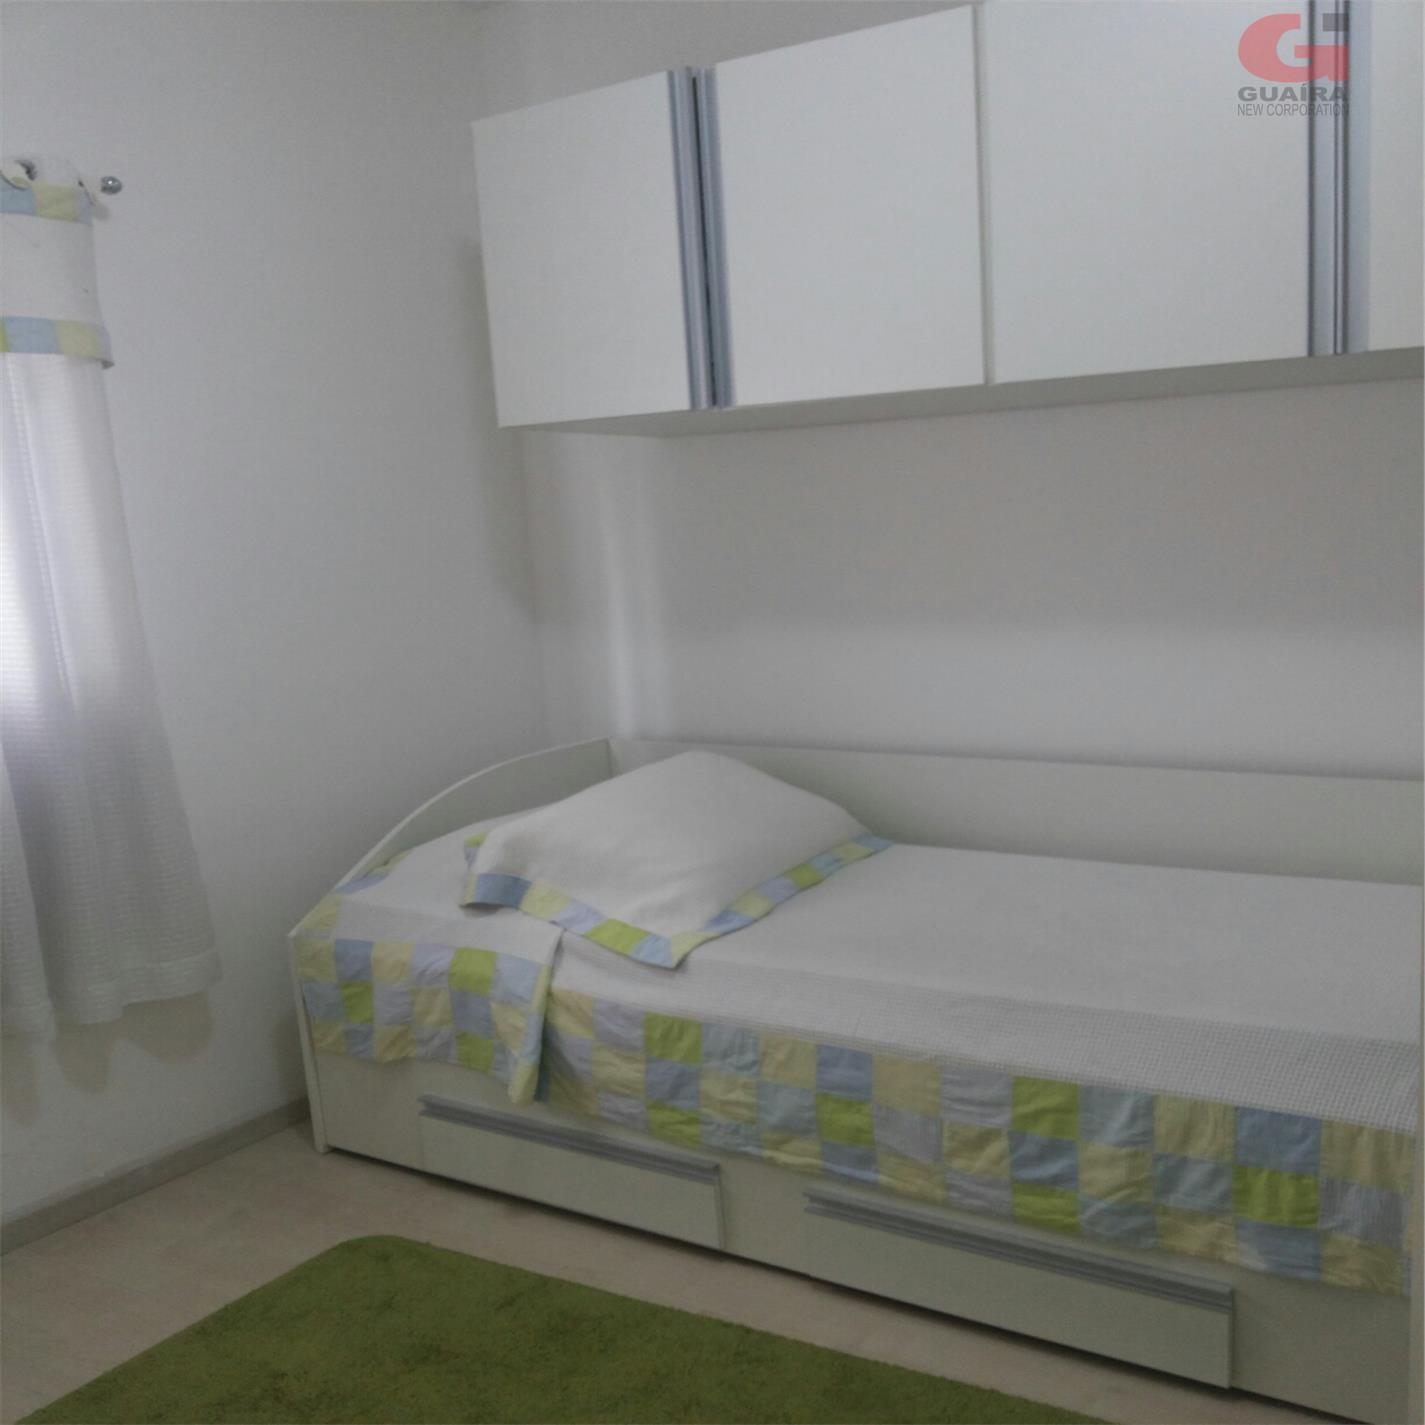 Sobrado de 3 dormitórios à venda em Centro, Diadema - SP